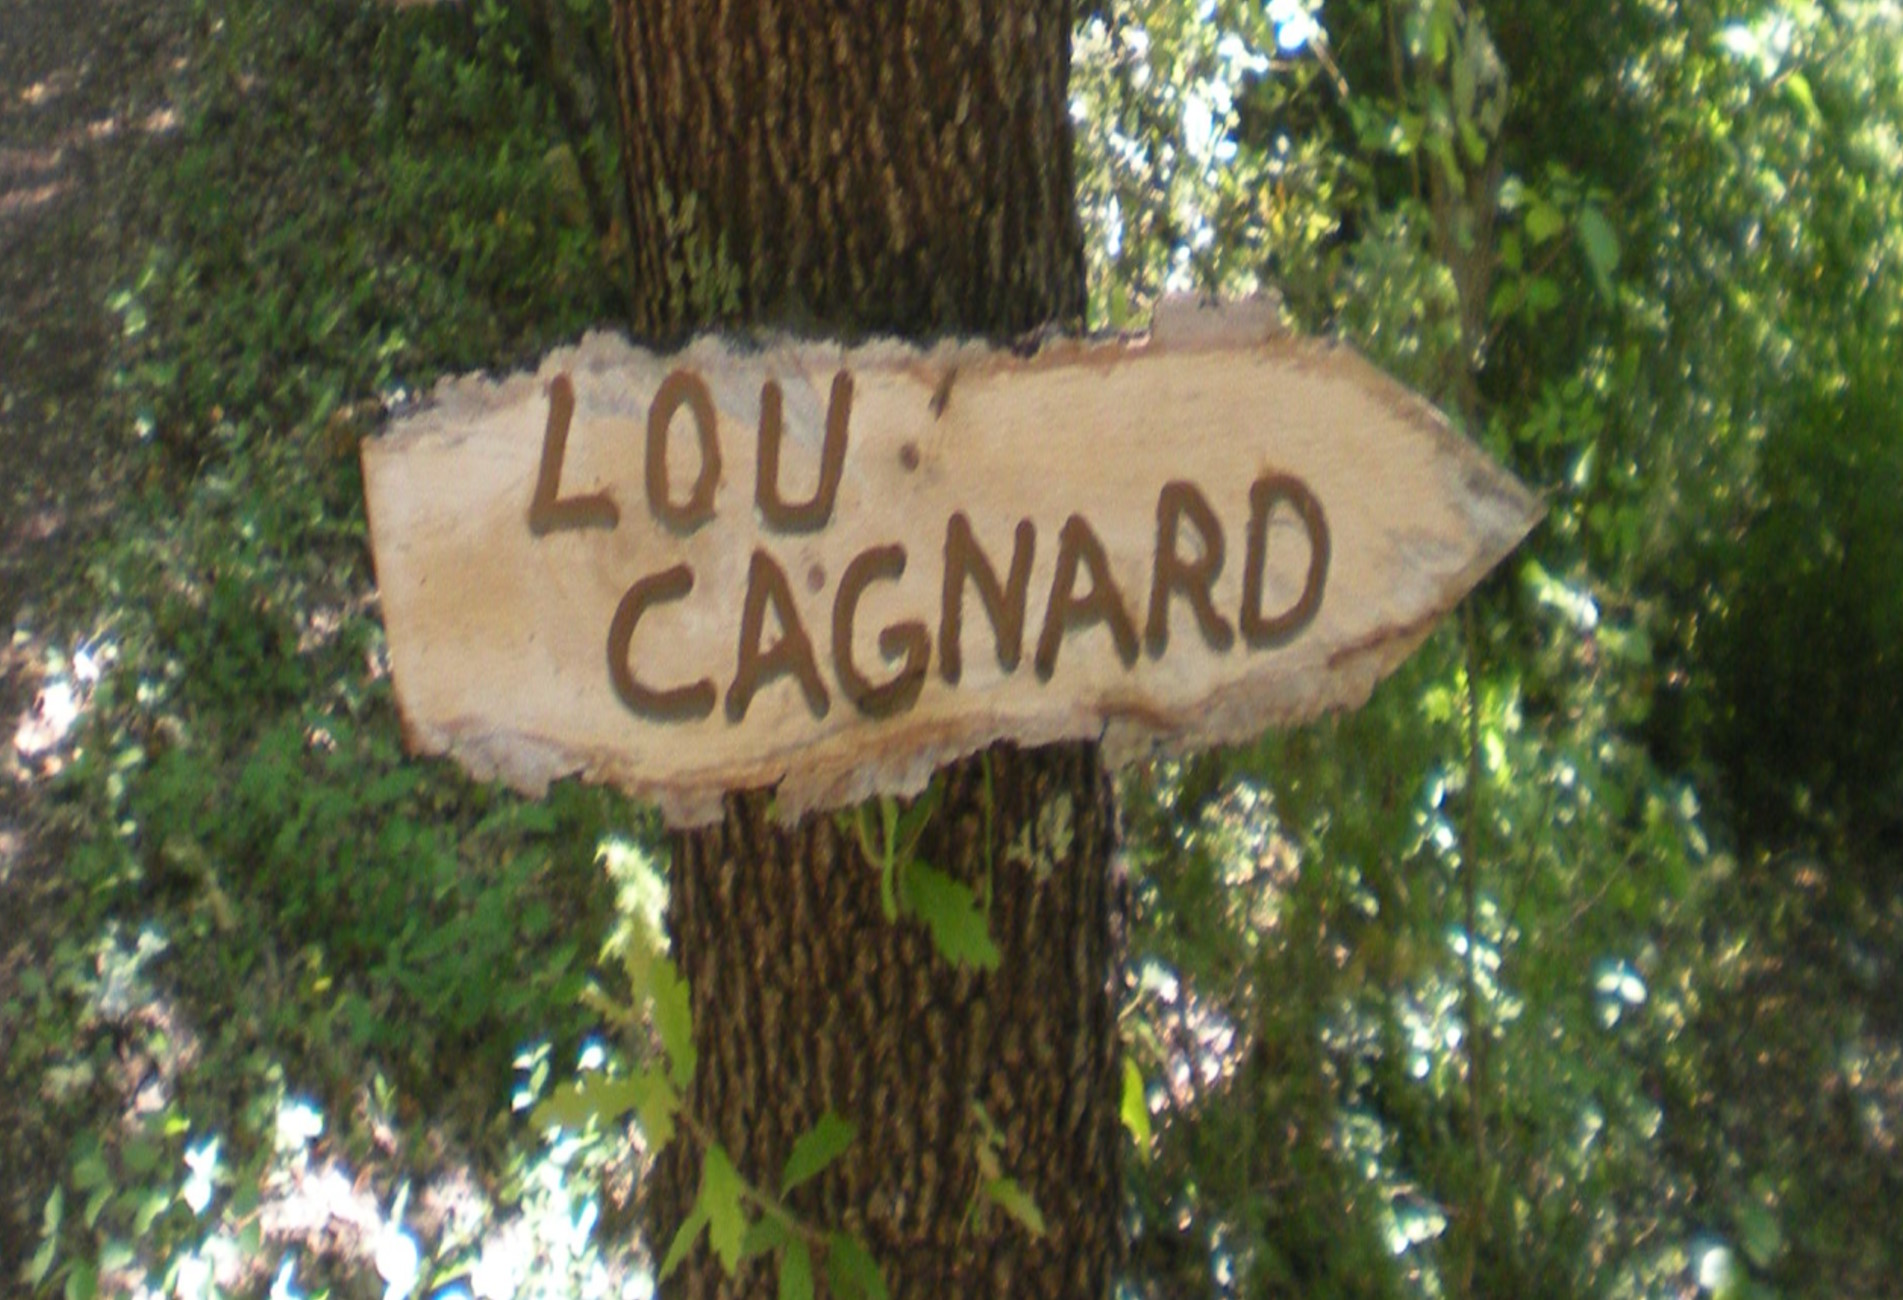 Lou-Cagnard-du-Varon-Pancarte-